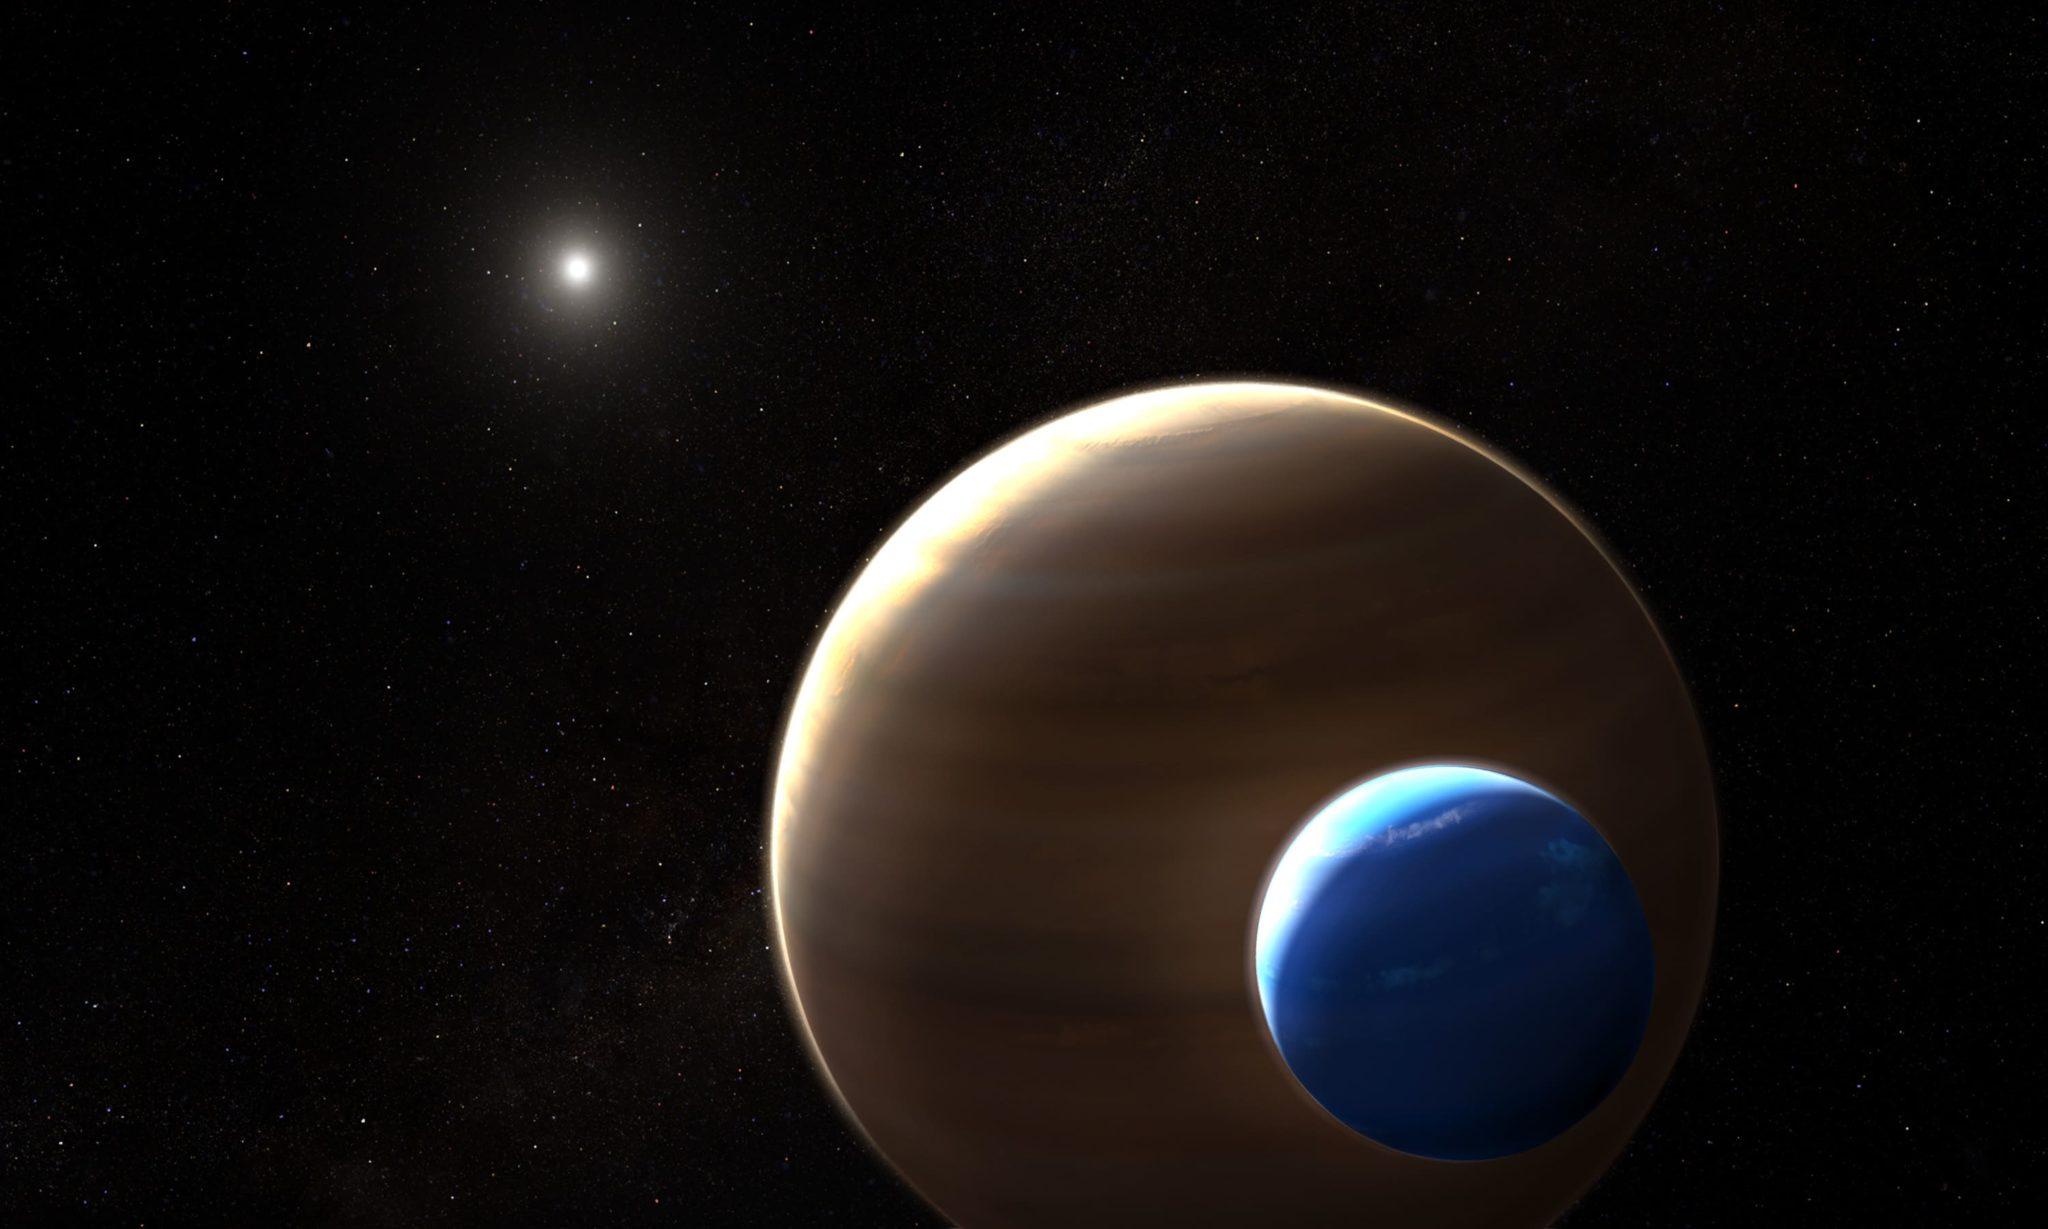 ¿Por qué se buscan planetas como la Tierra?